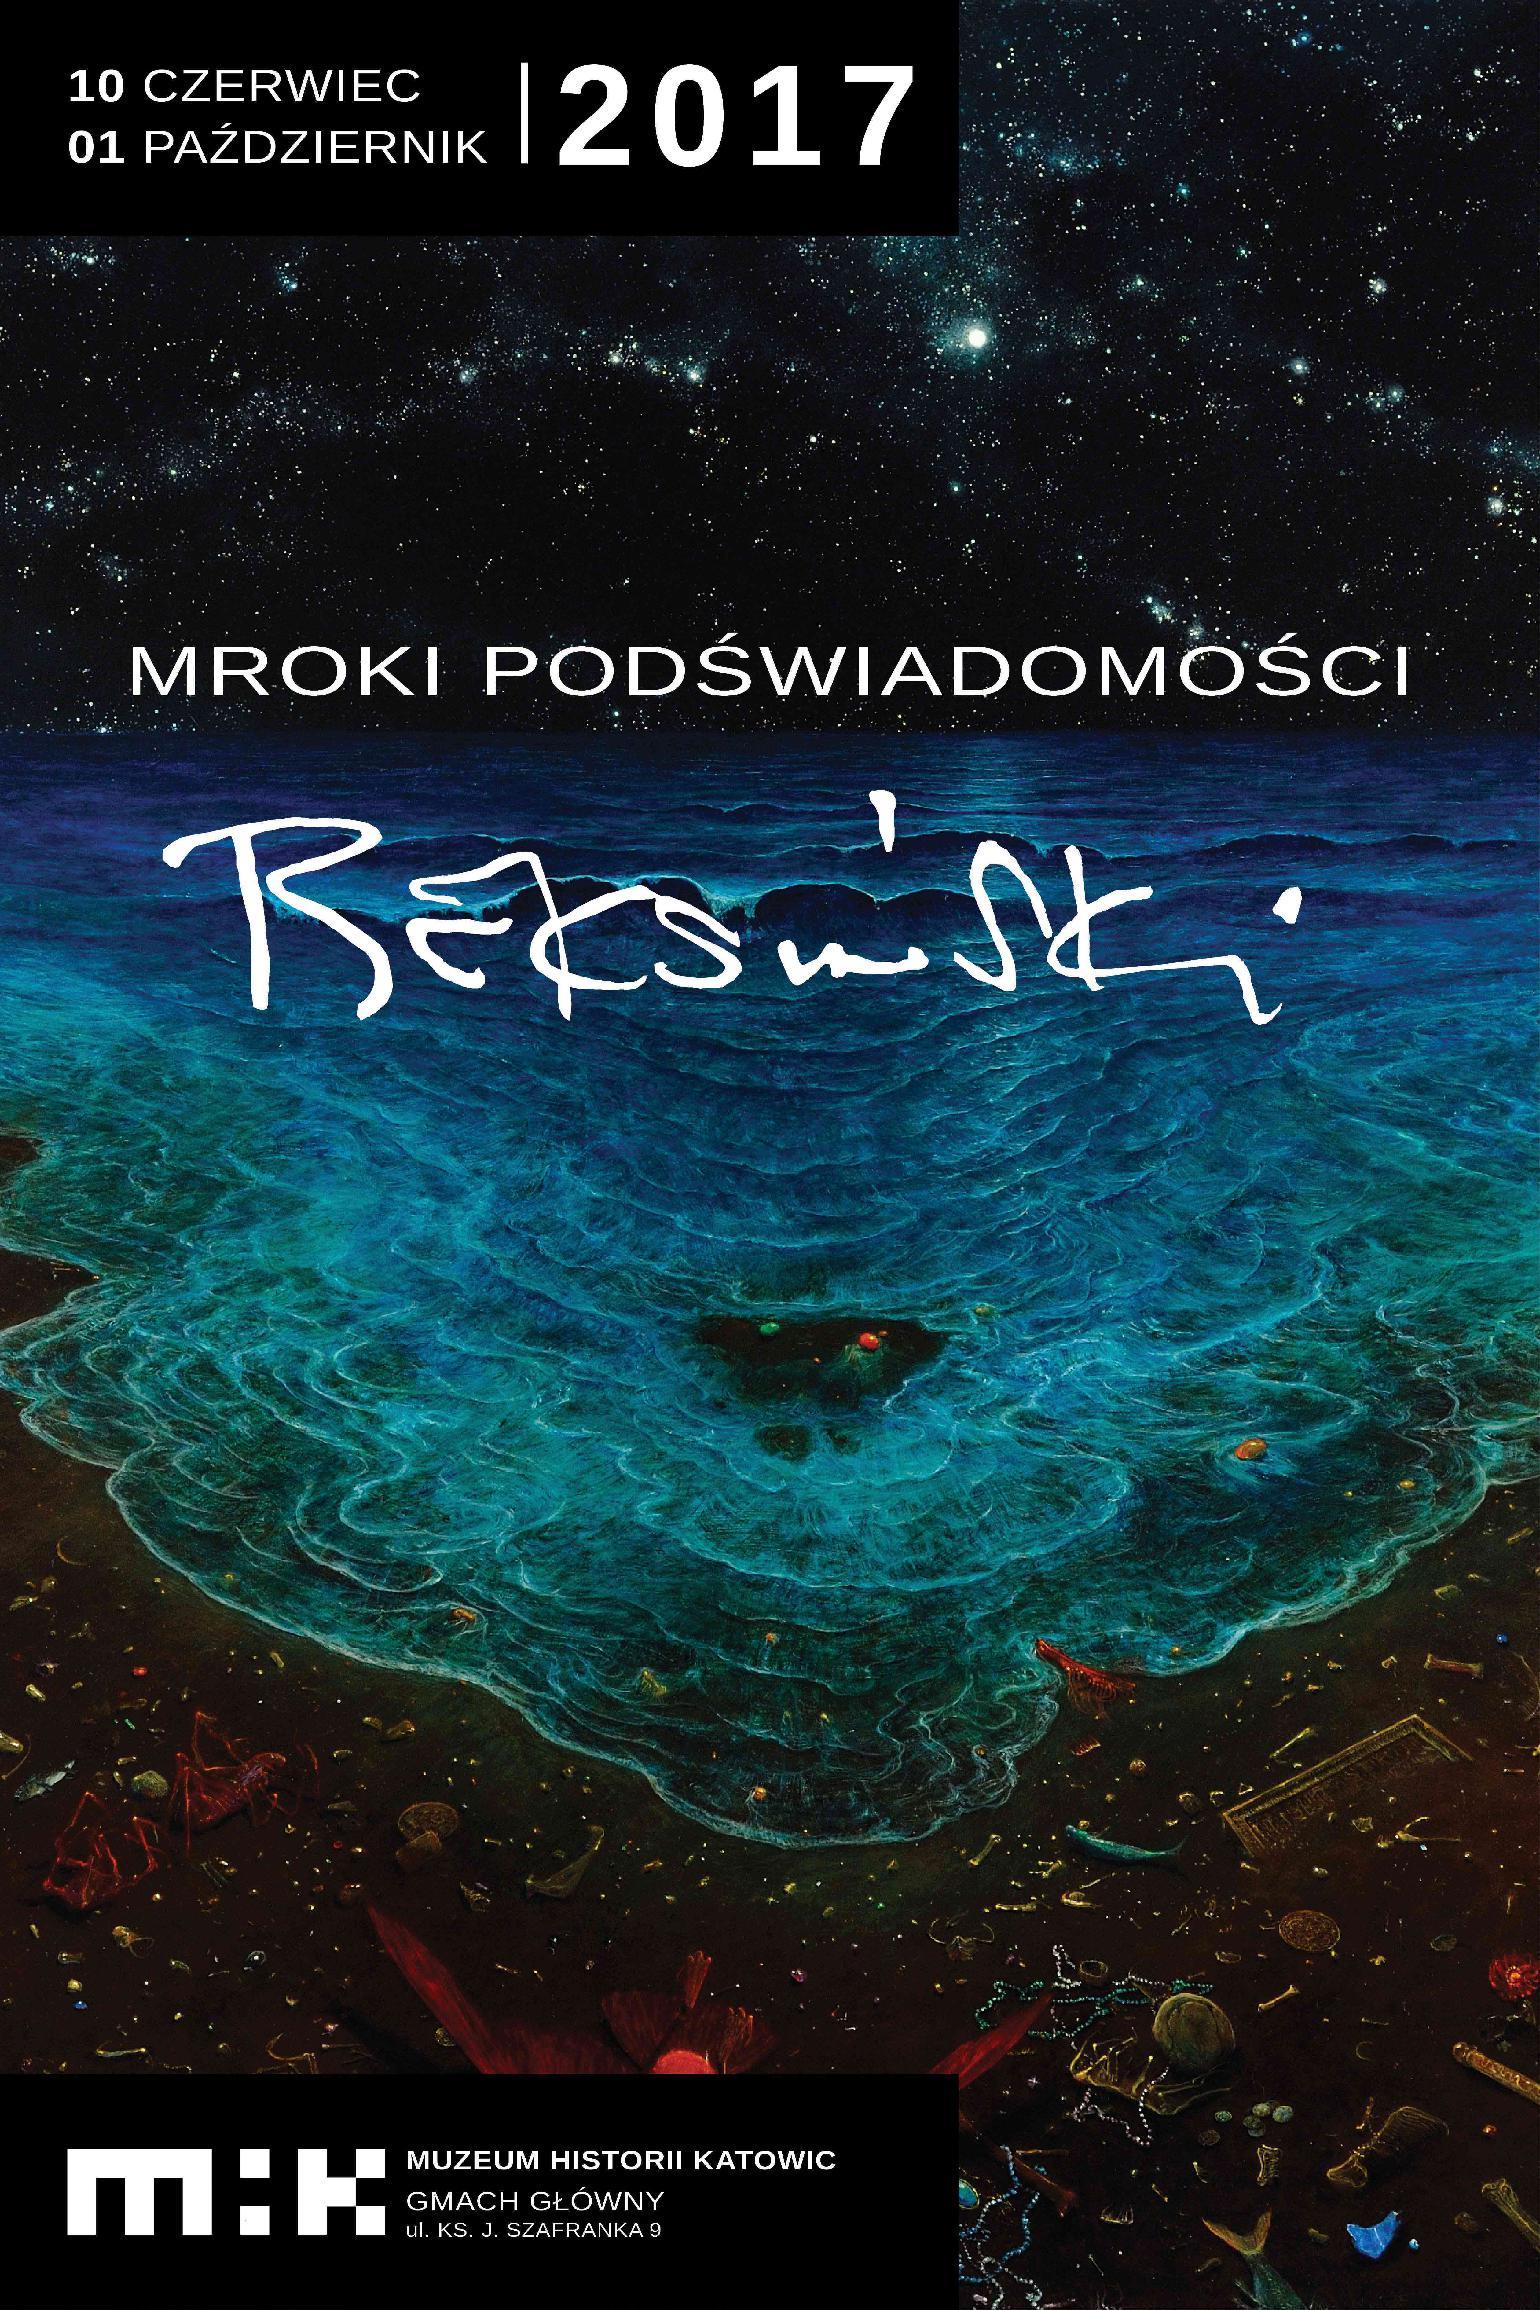 Beksiński Mrok Podświadomości Wystawa Prac Zdzisława